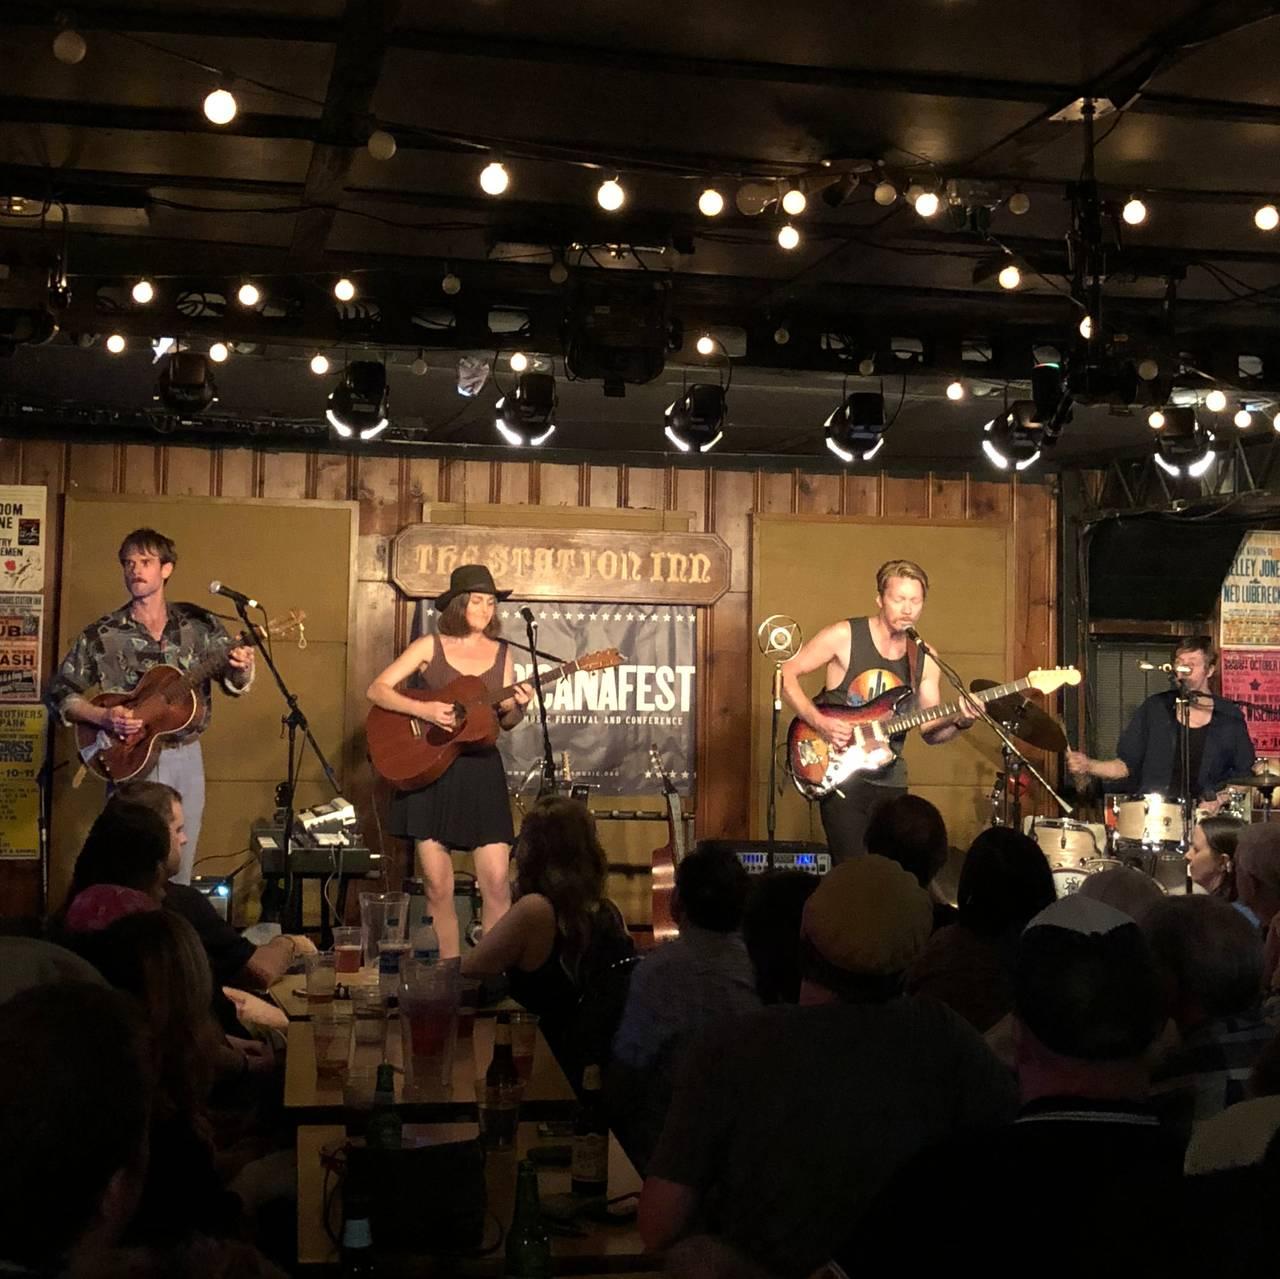 Konsert på Station Inn i Nashville i 2018.